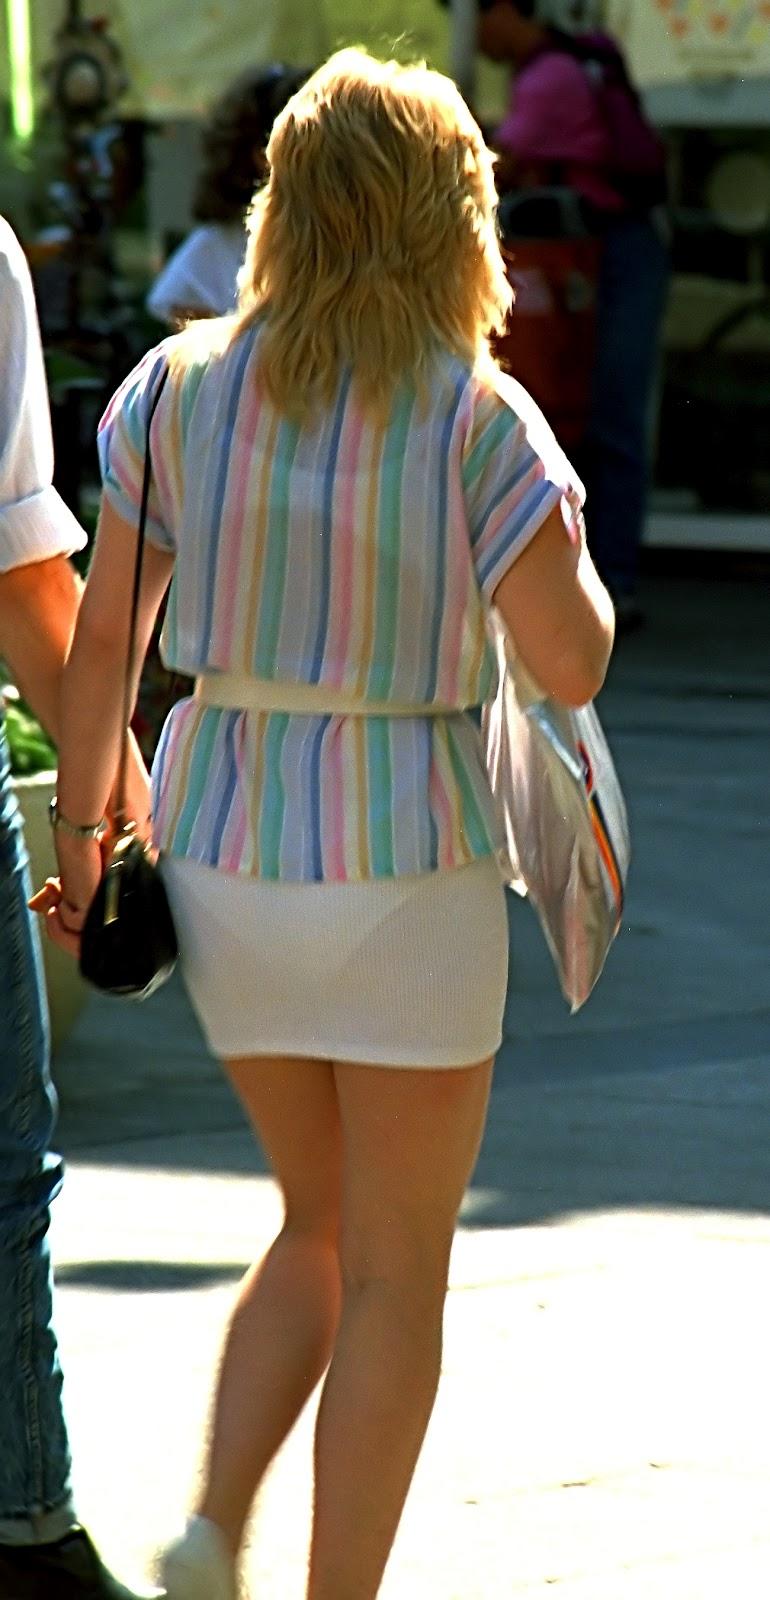 5Просвечивающие трусики через платья